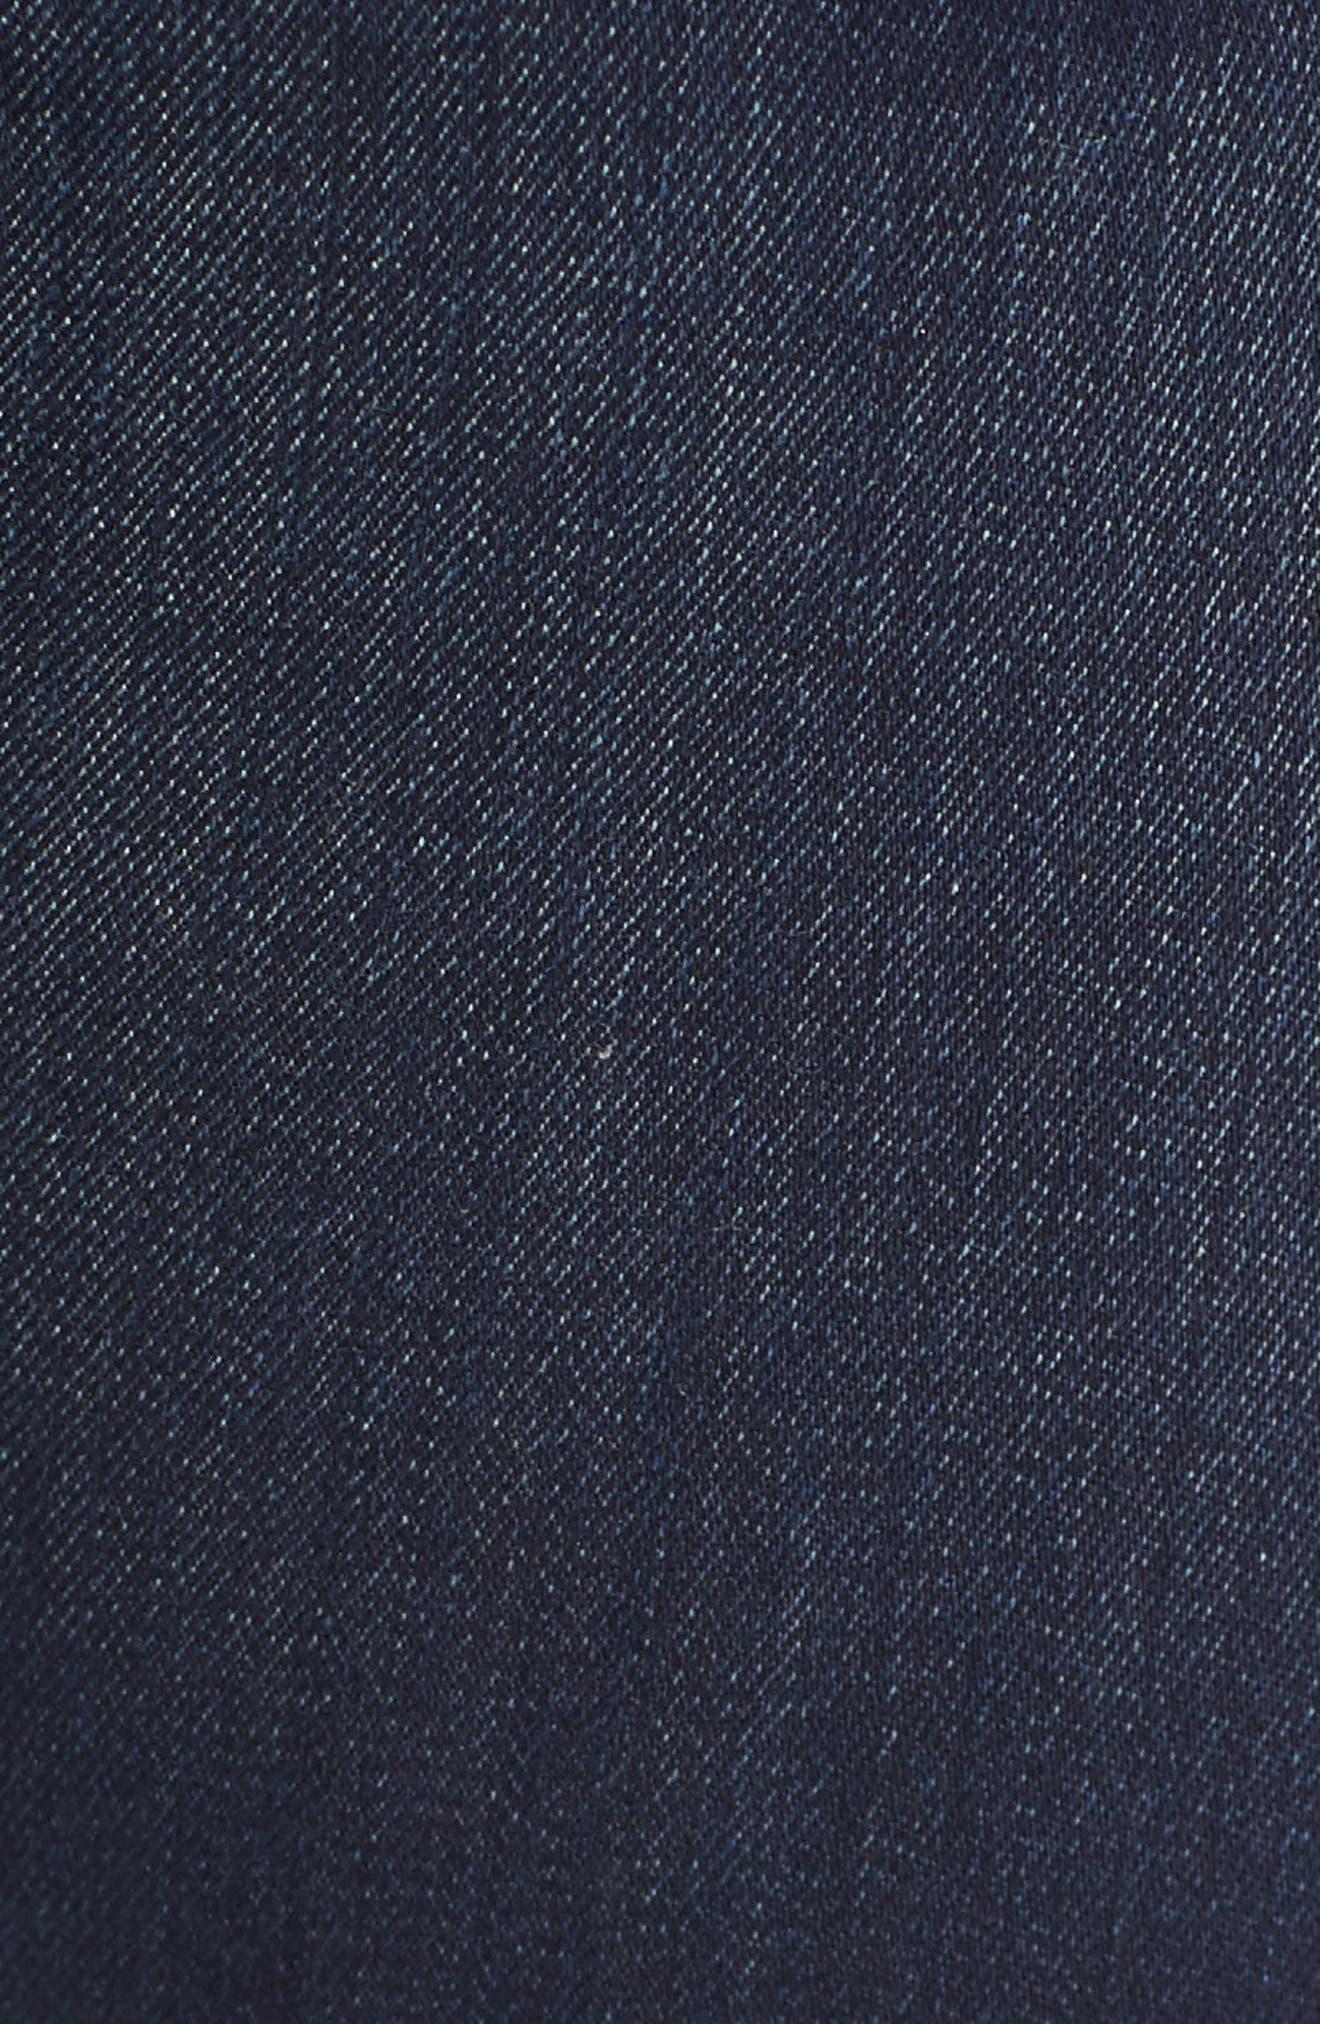 Emmanuelle Slim Bootcut Jeans,                             Alternate thumbnail 5, color,                             405